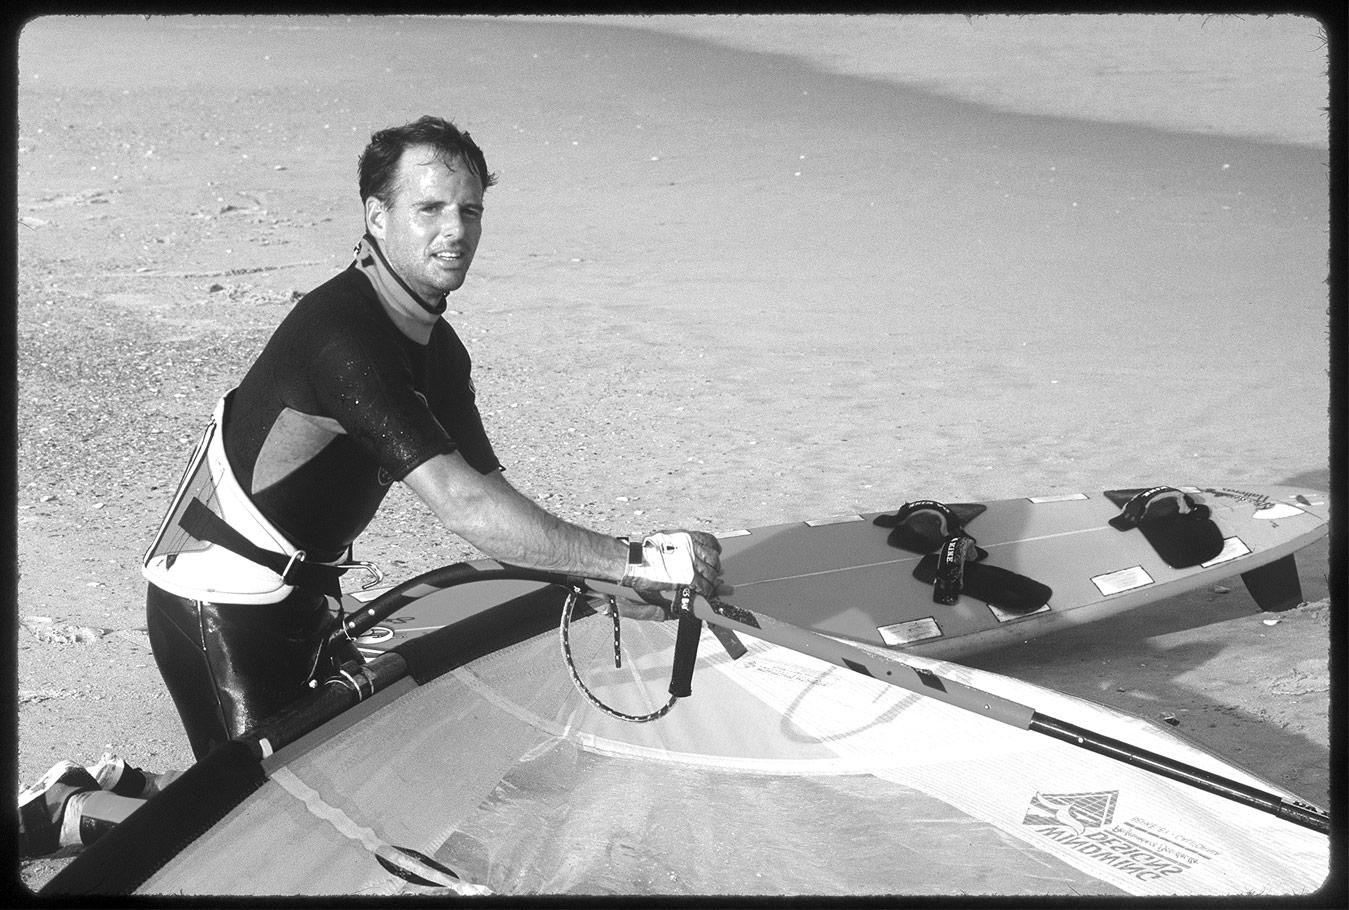 american_windsurfer-4.2_paw-pawling-windsurfing